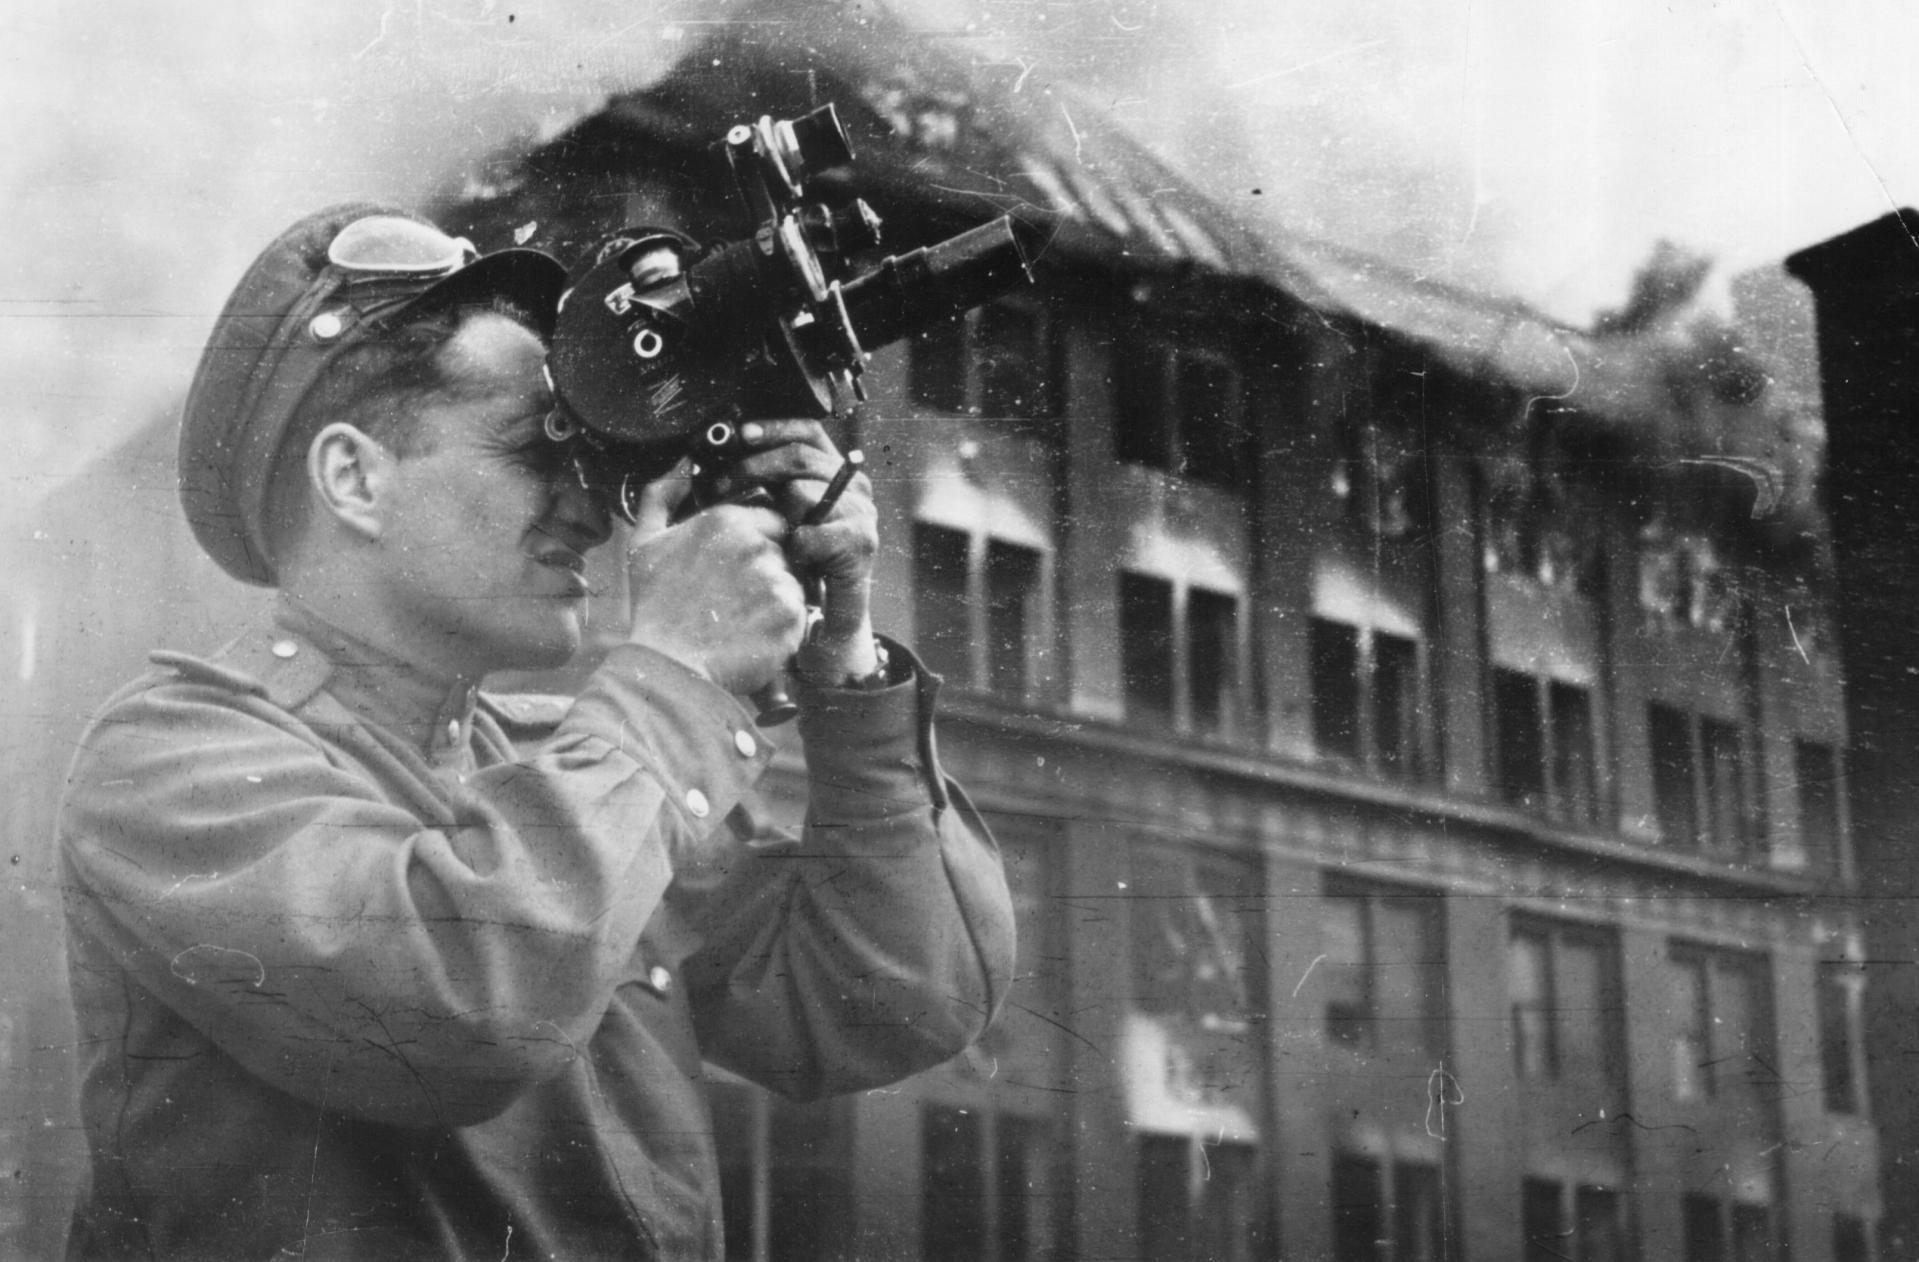 В Твери пройдет кинофестиваль фильмов о Великой Отечественной войне «Память огненных лет» - новости Афанасий